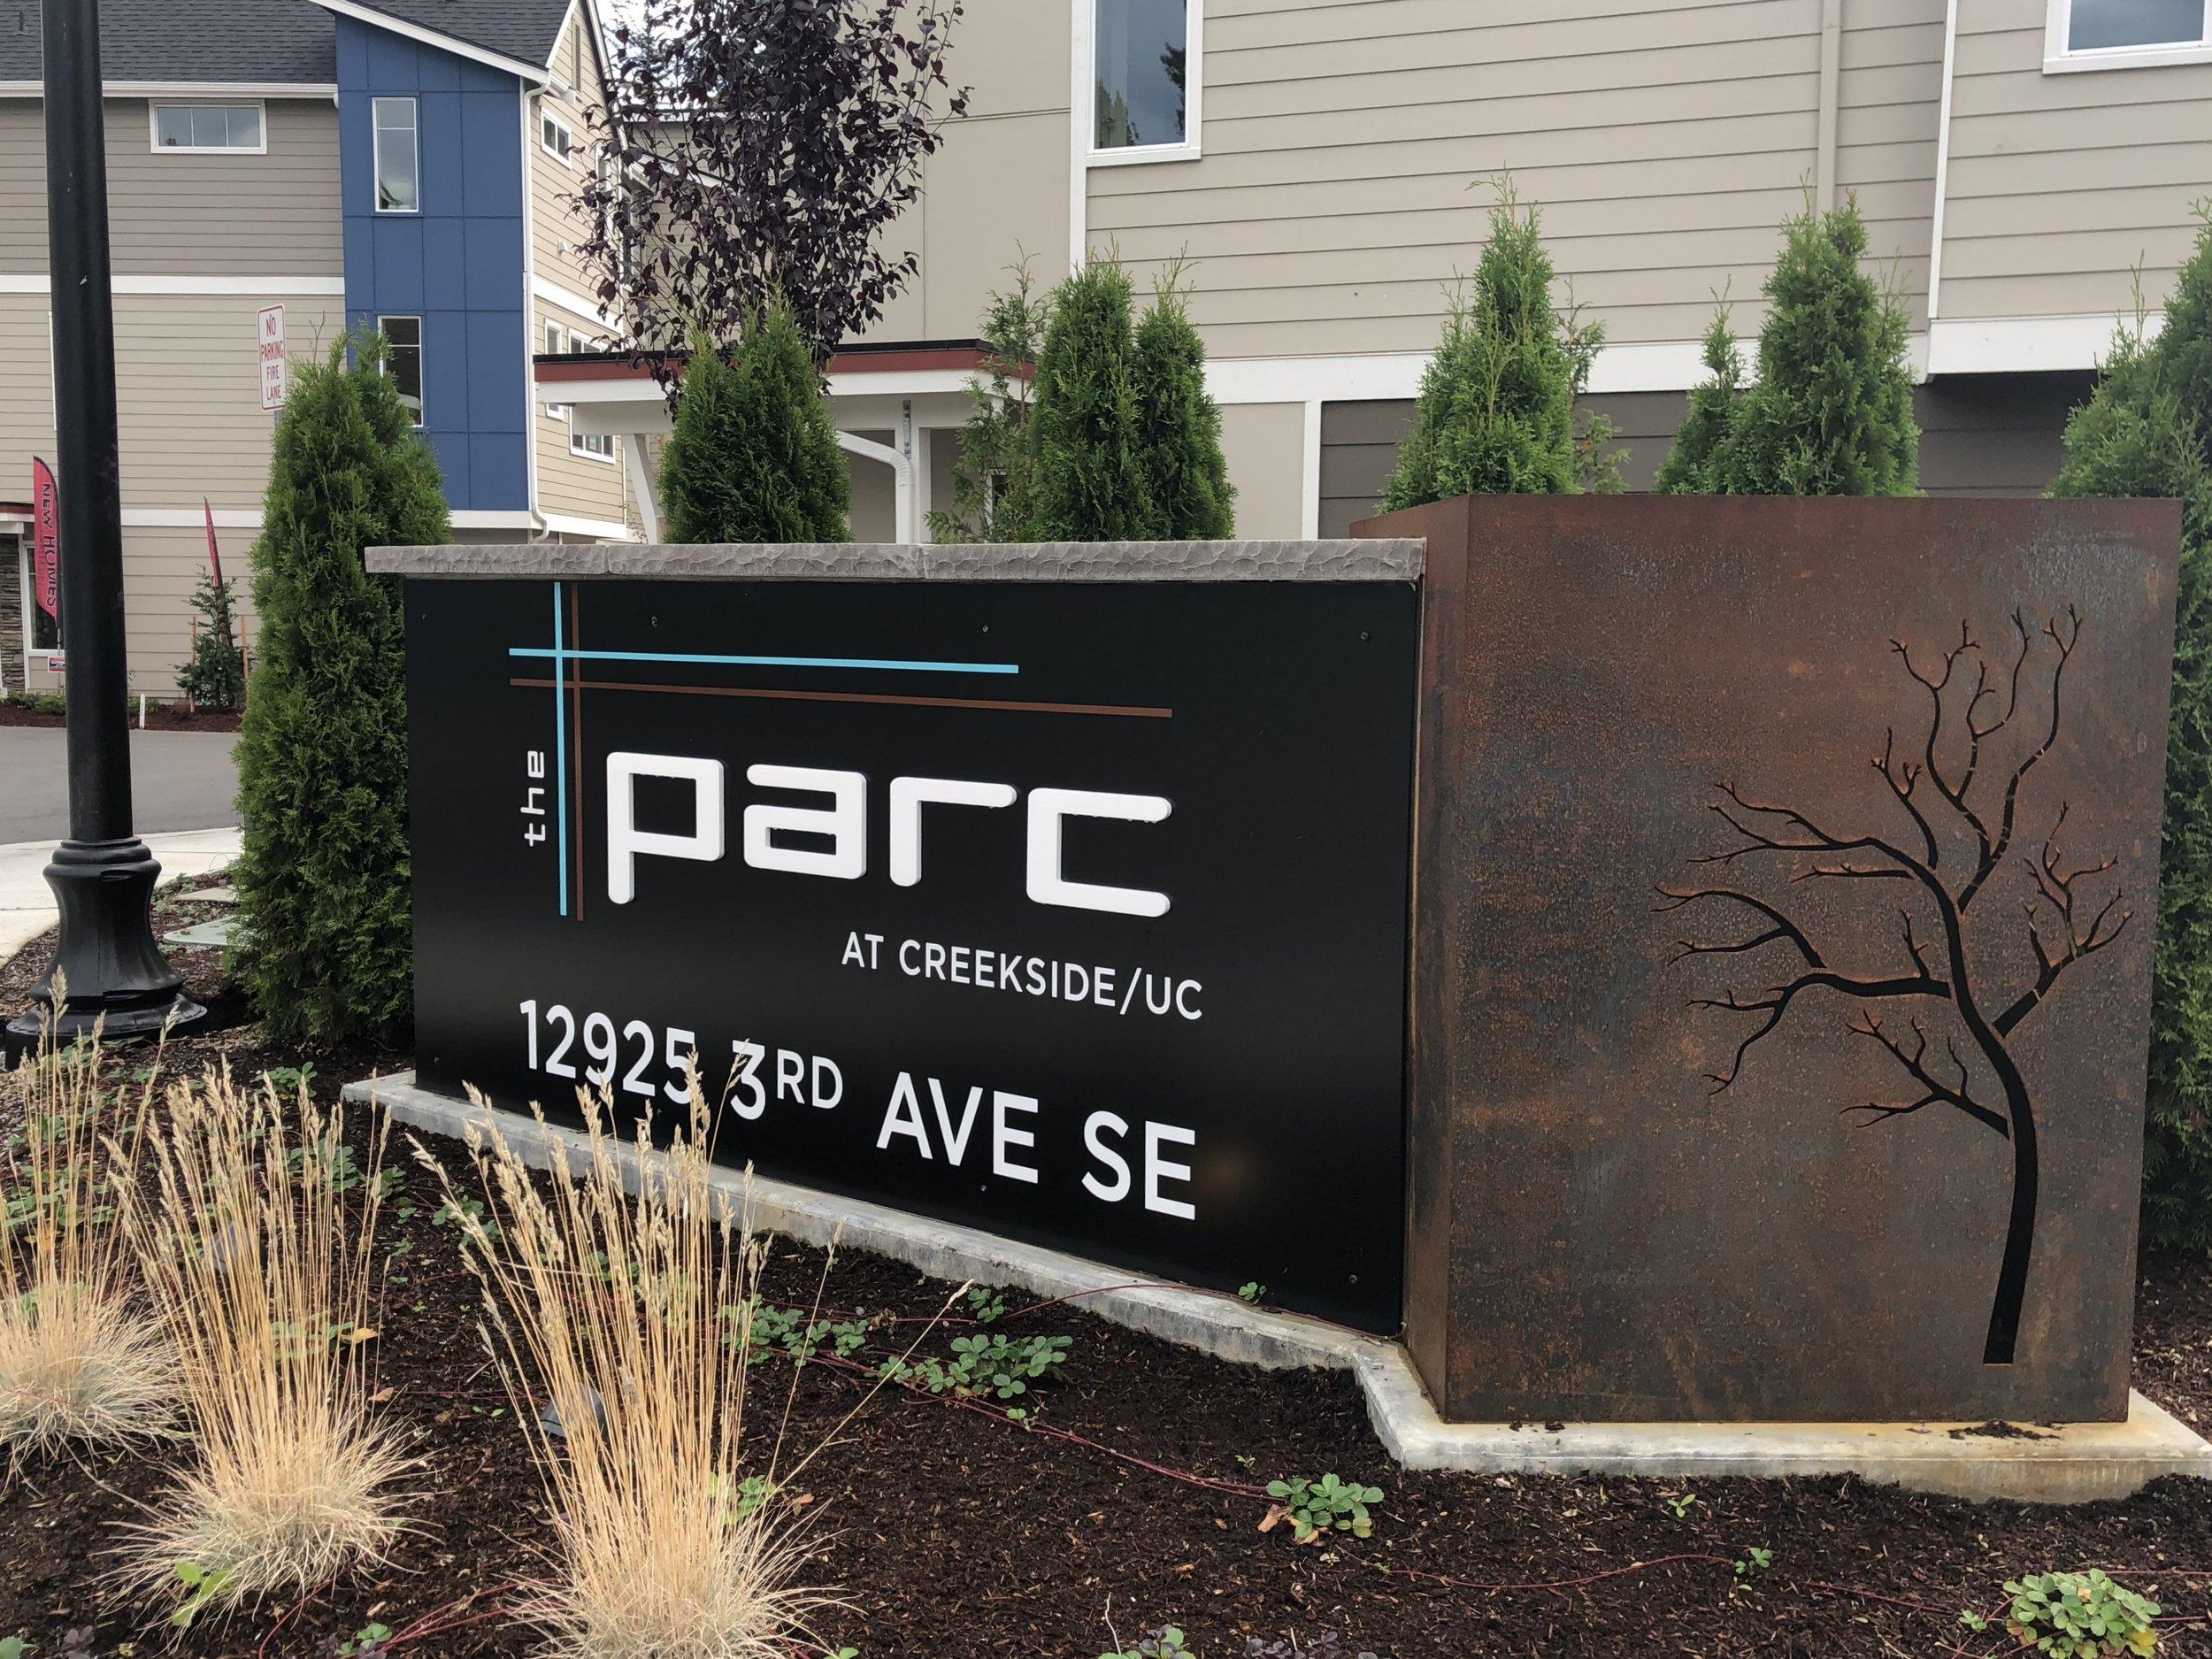 The Park Sign - Copy.JPG